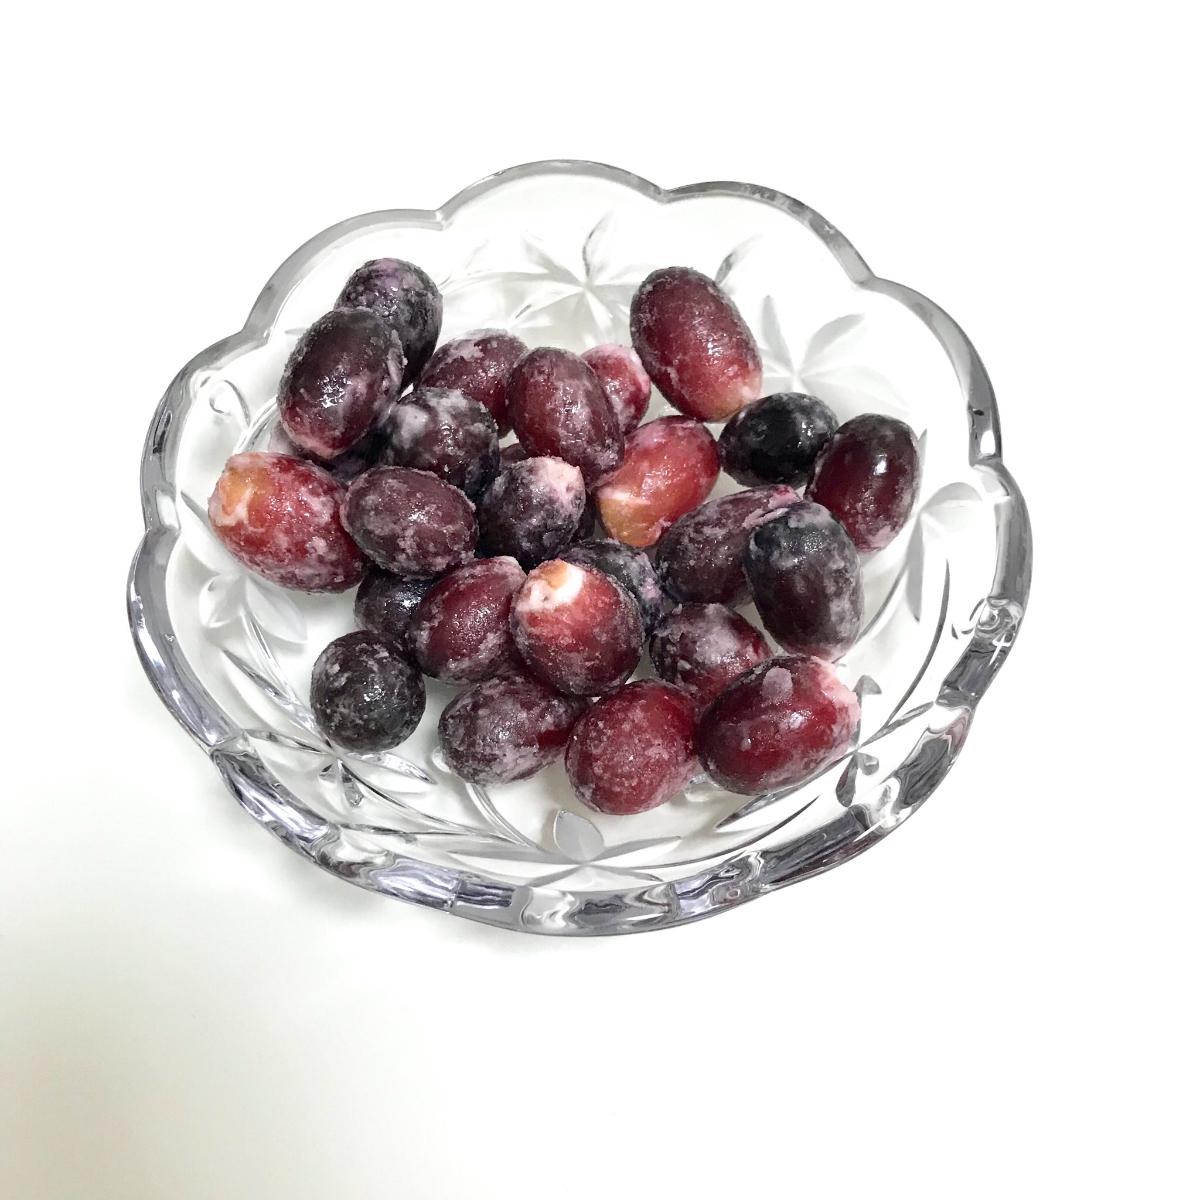 ぶどう そのまま 食べる セブンイレブンの冷凍フルーツ『そのまま食べるぶどう』種なし皮ごと食べられる